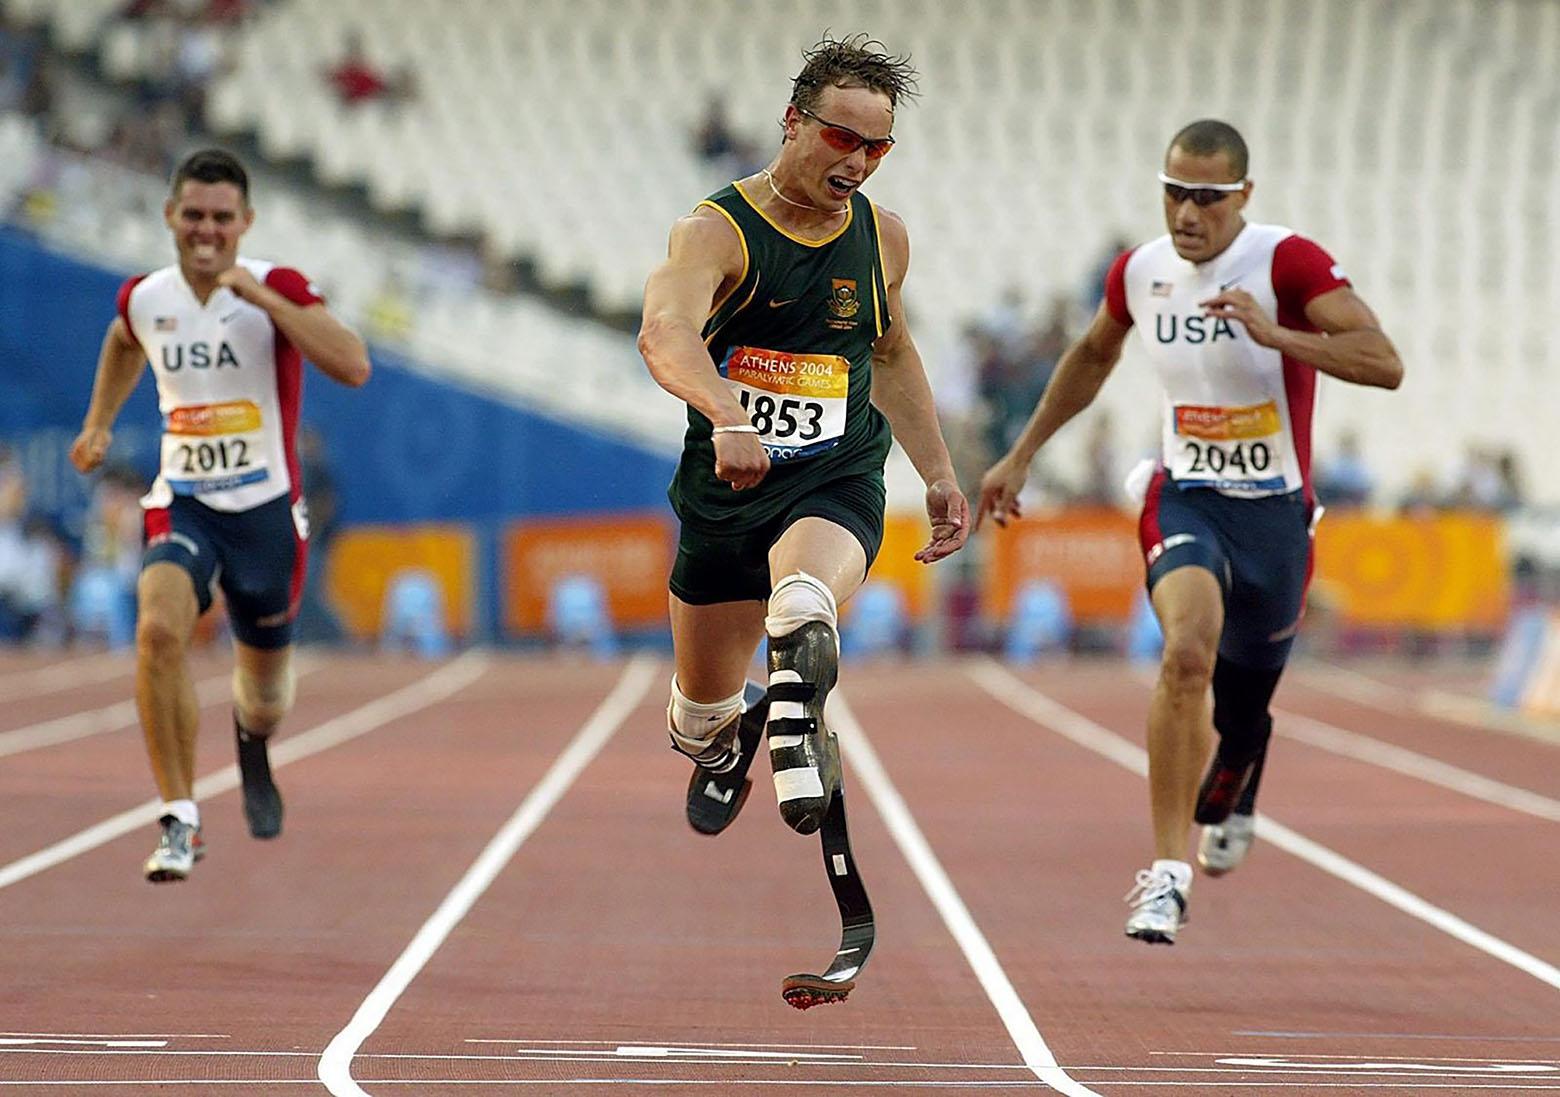 легкоатлет Оскар Писториус, ЮАР